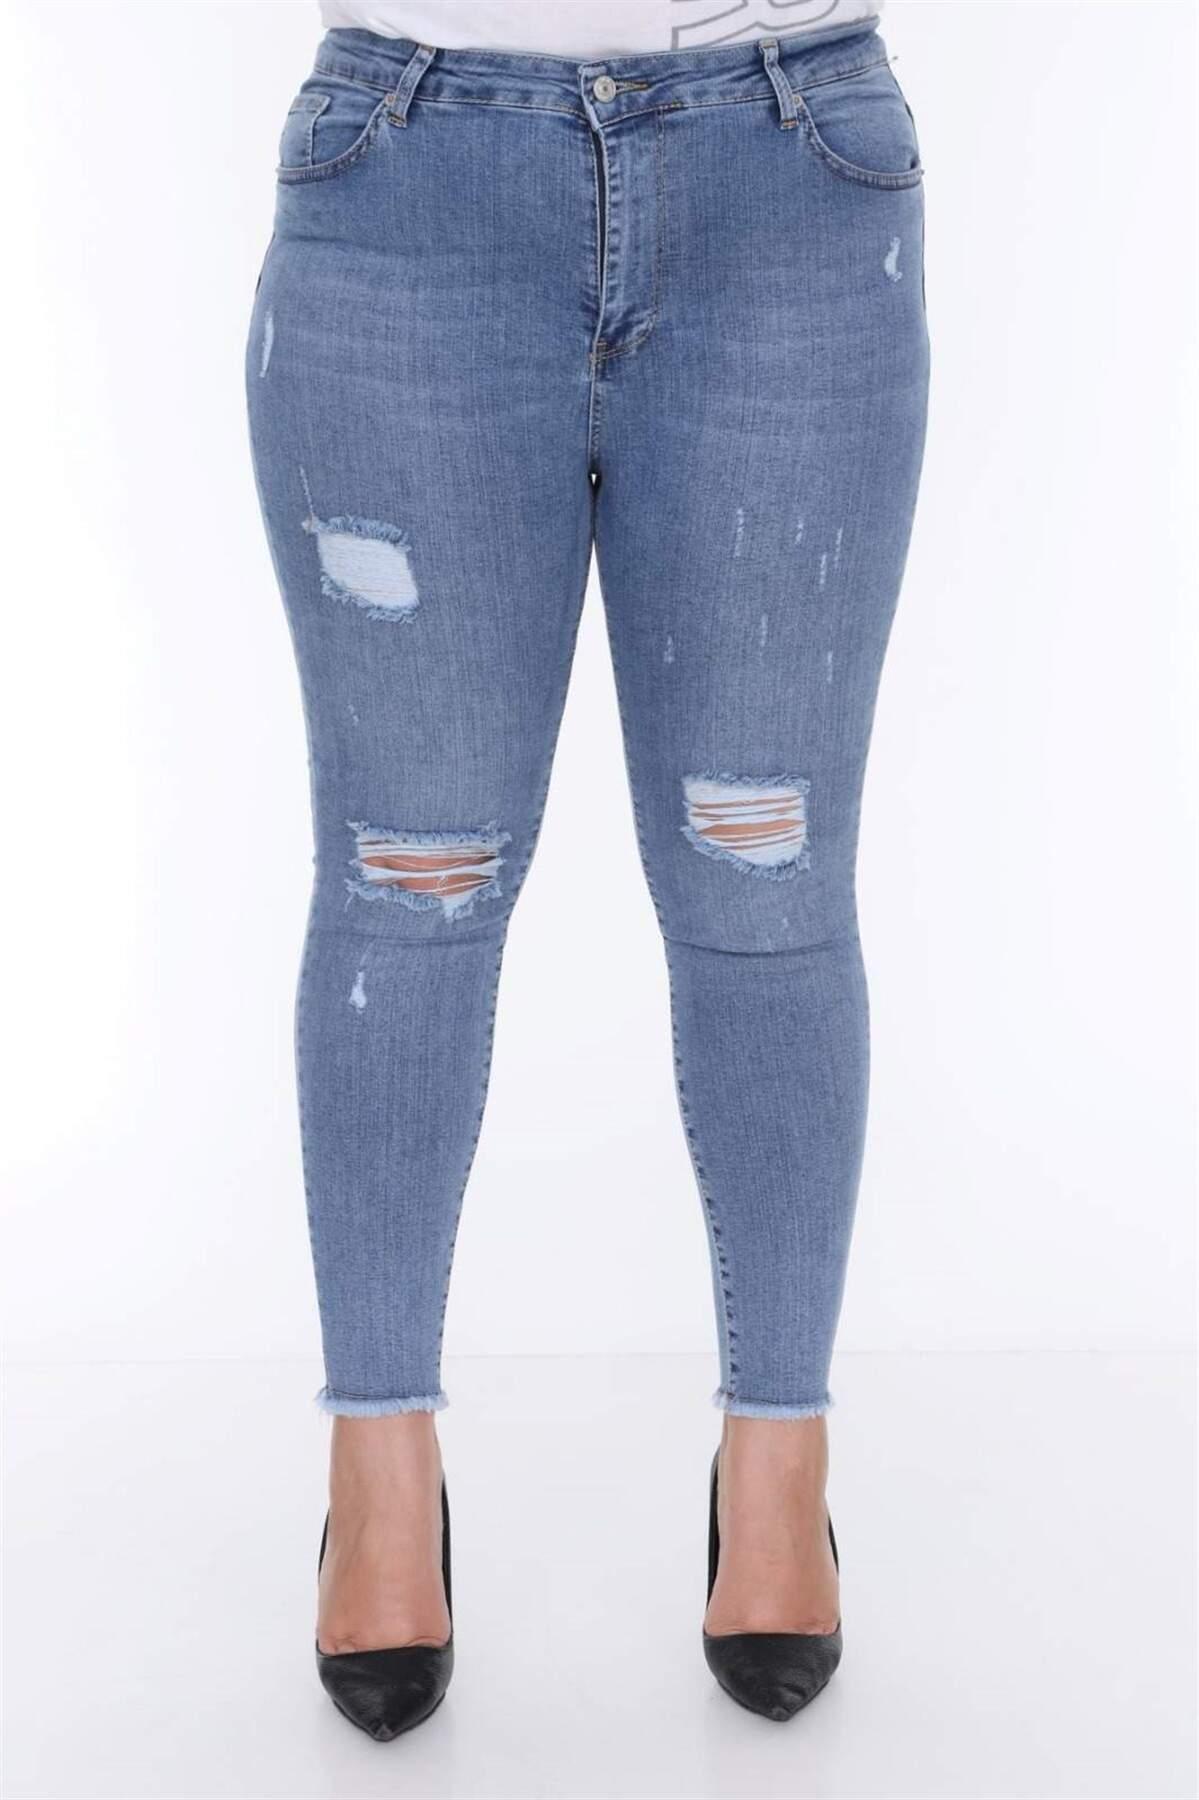 Büyük Beden Dizi Yırtmaçlı Kot Pantolon MF23038 Mavi